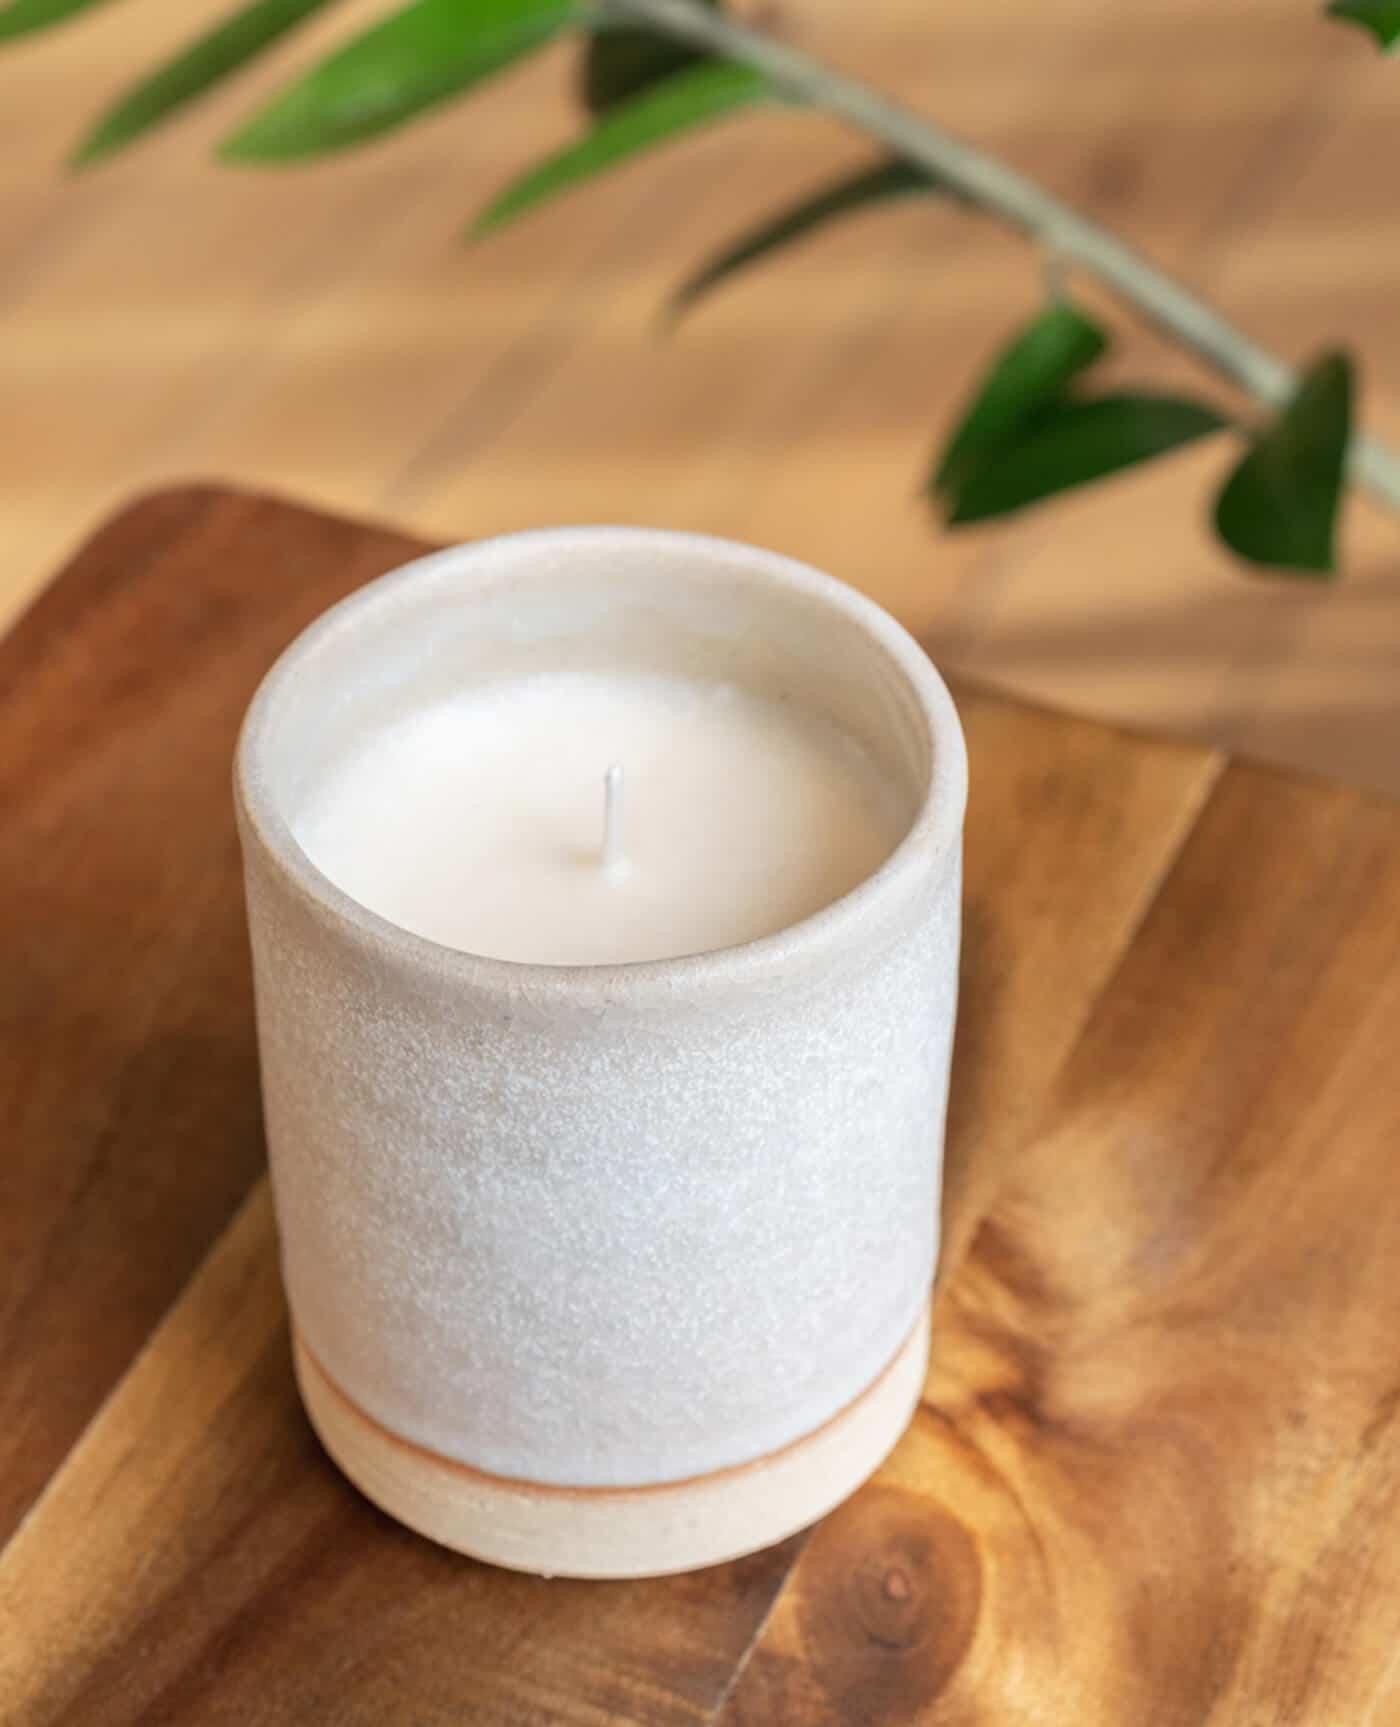 Bougie céramique recharegable blanche modèle la poudrée de la marque Labogie